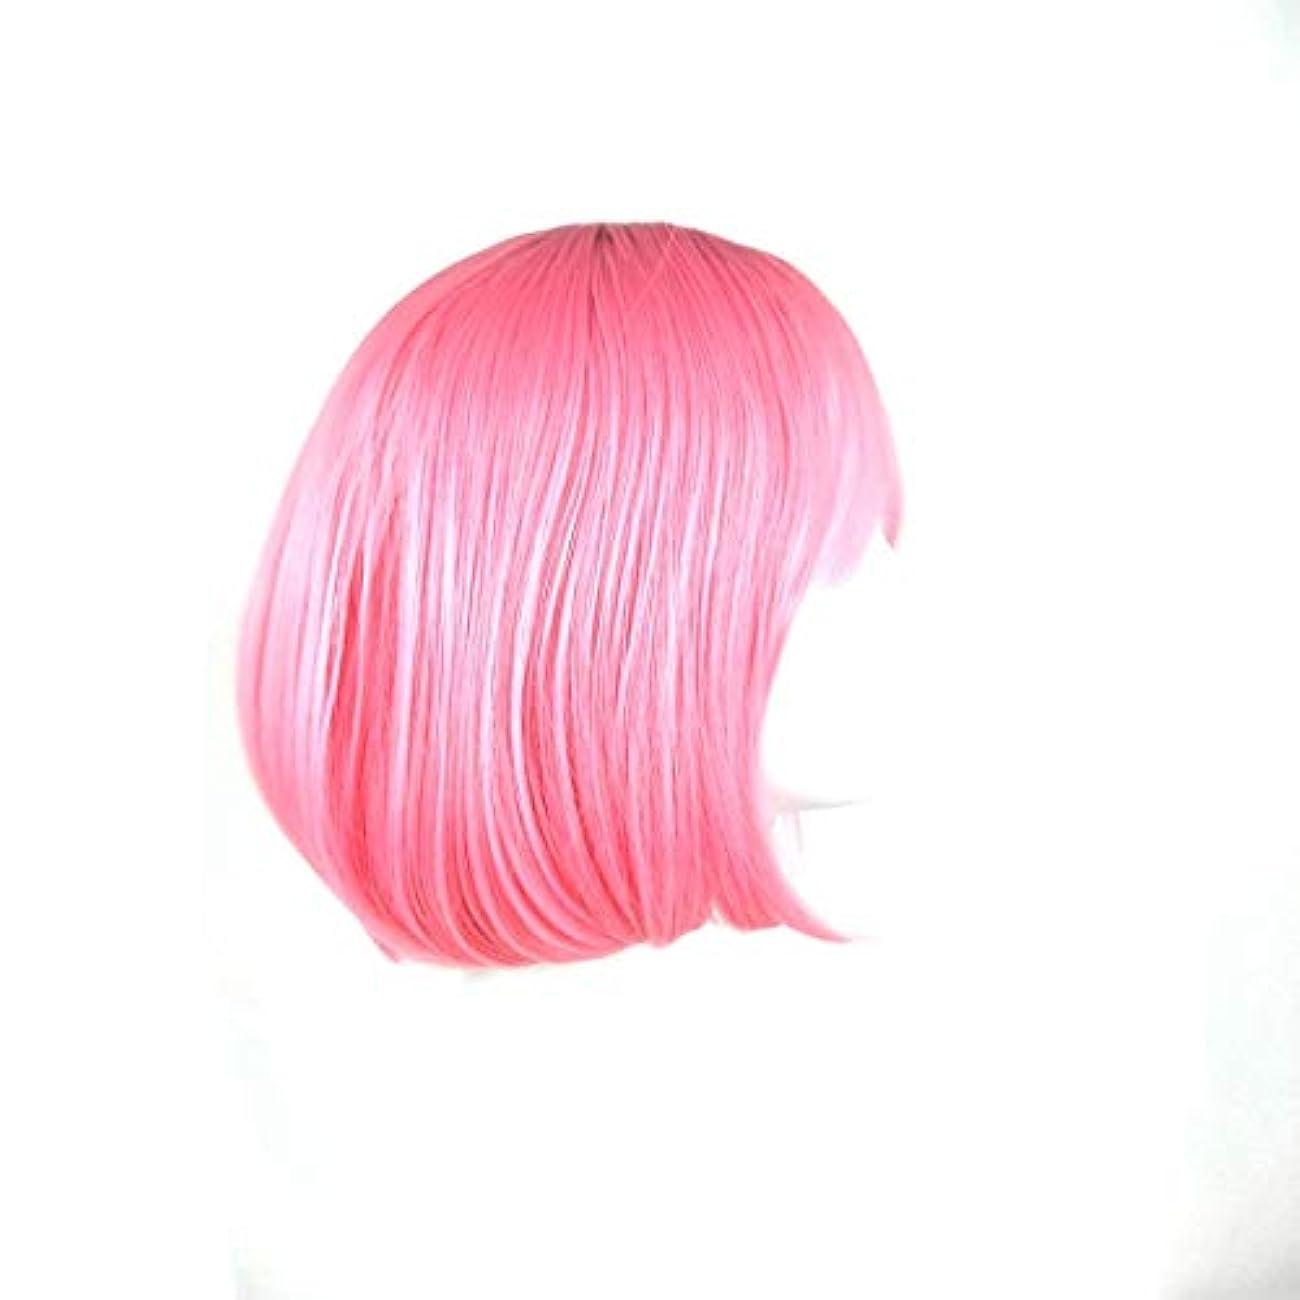 子孫頑張る縫うKerwinner ピンクのかつらショートストレートヘアーボブウィッグ人工毛ナチュラルな耐熱性女性用